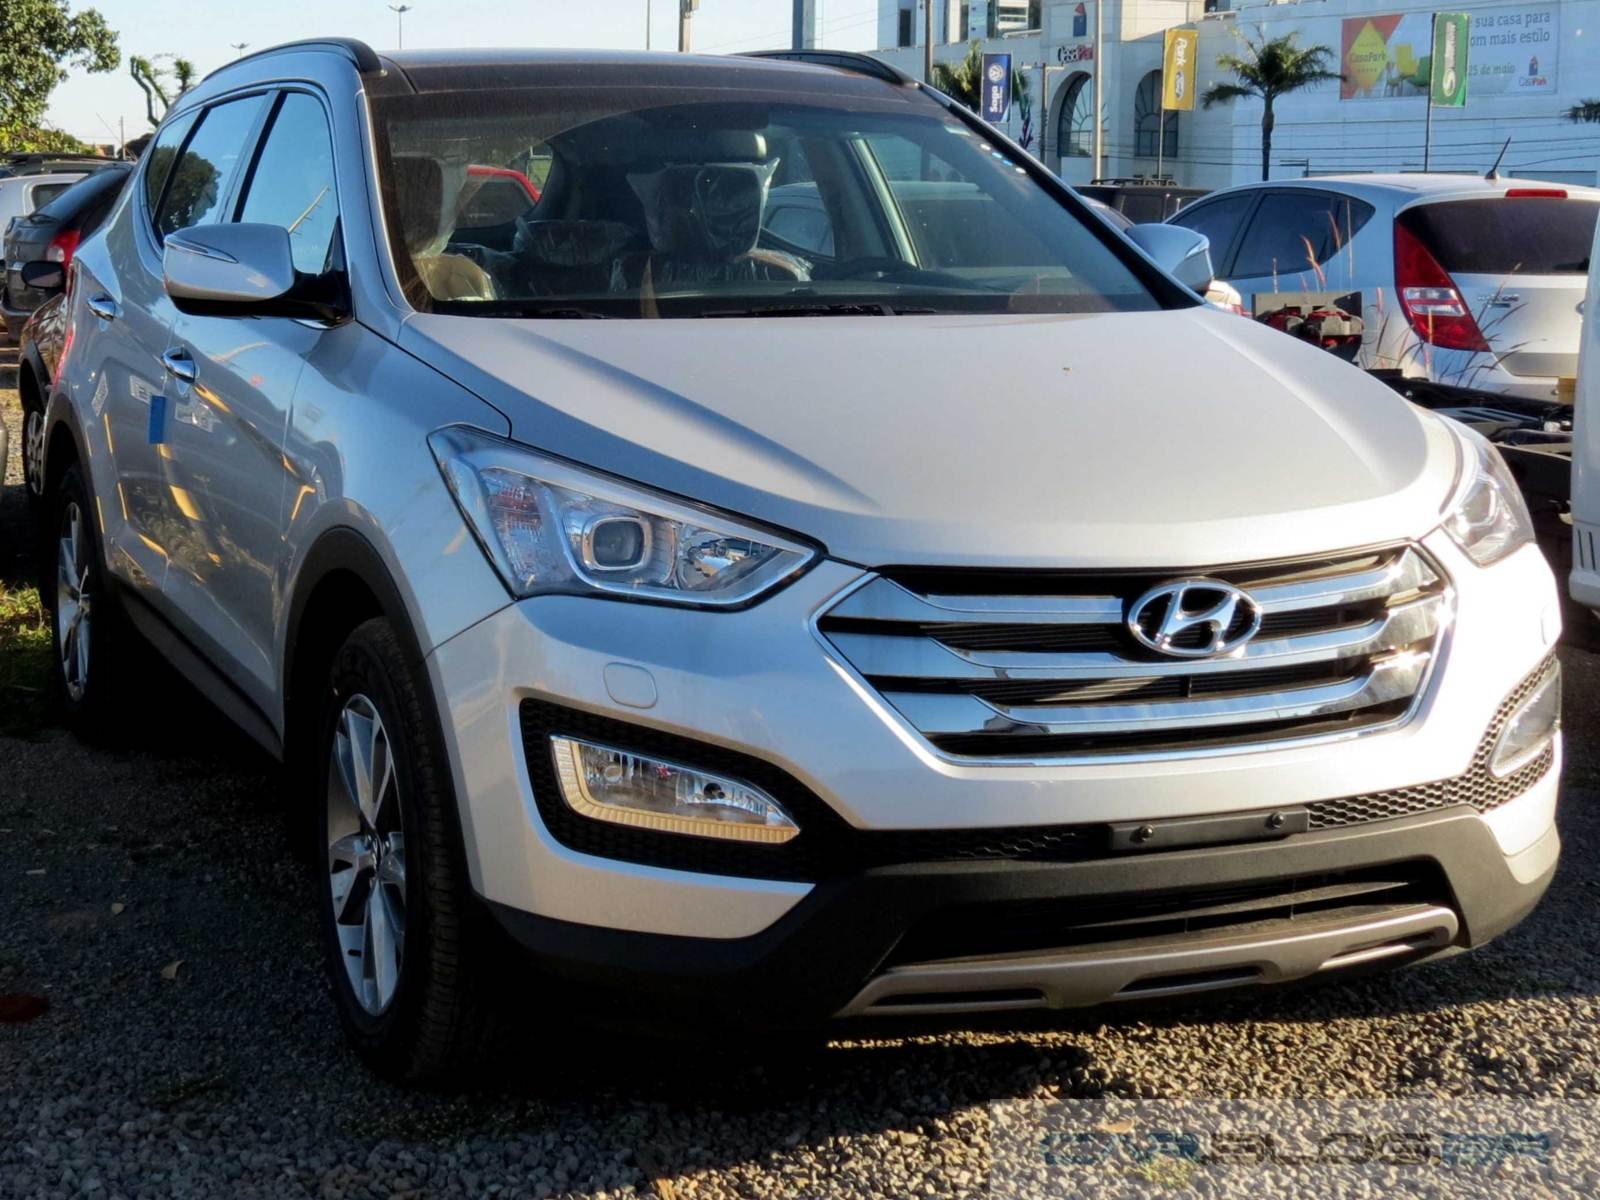 Hyundai Santa Fé 2015 - Preço 157.990 reais